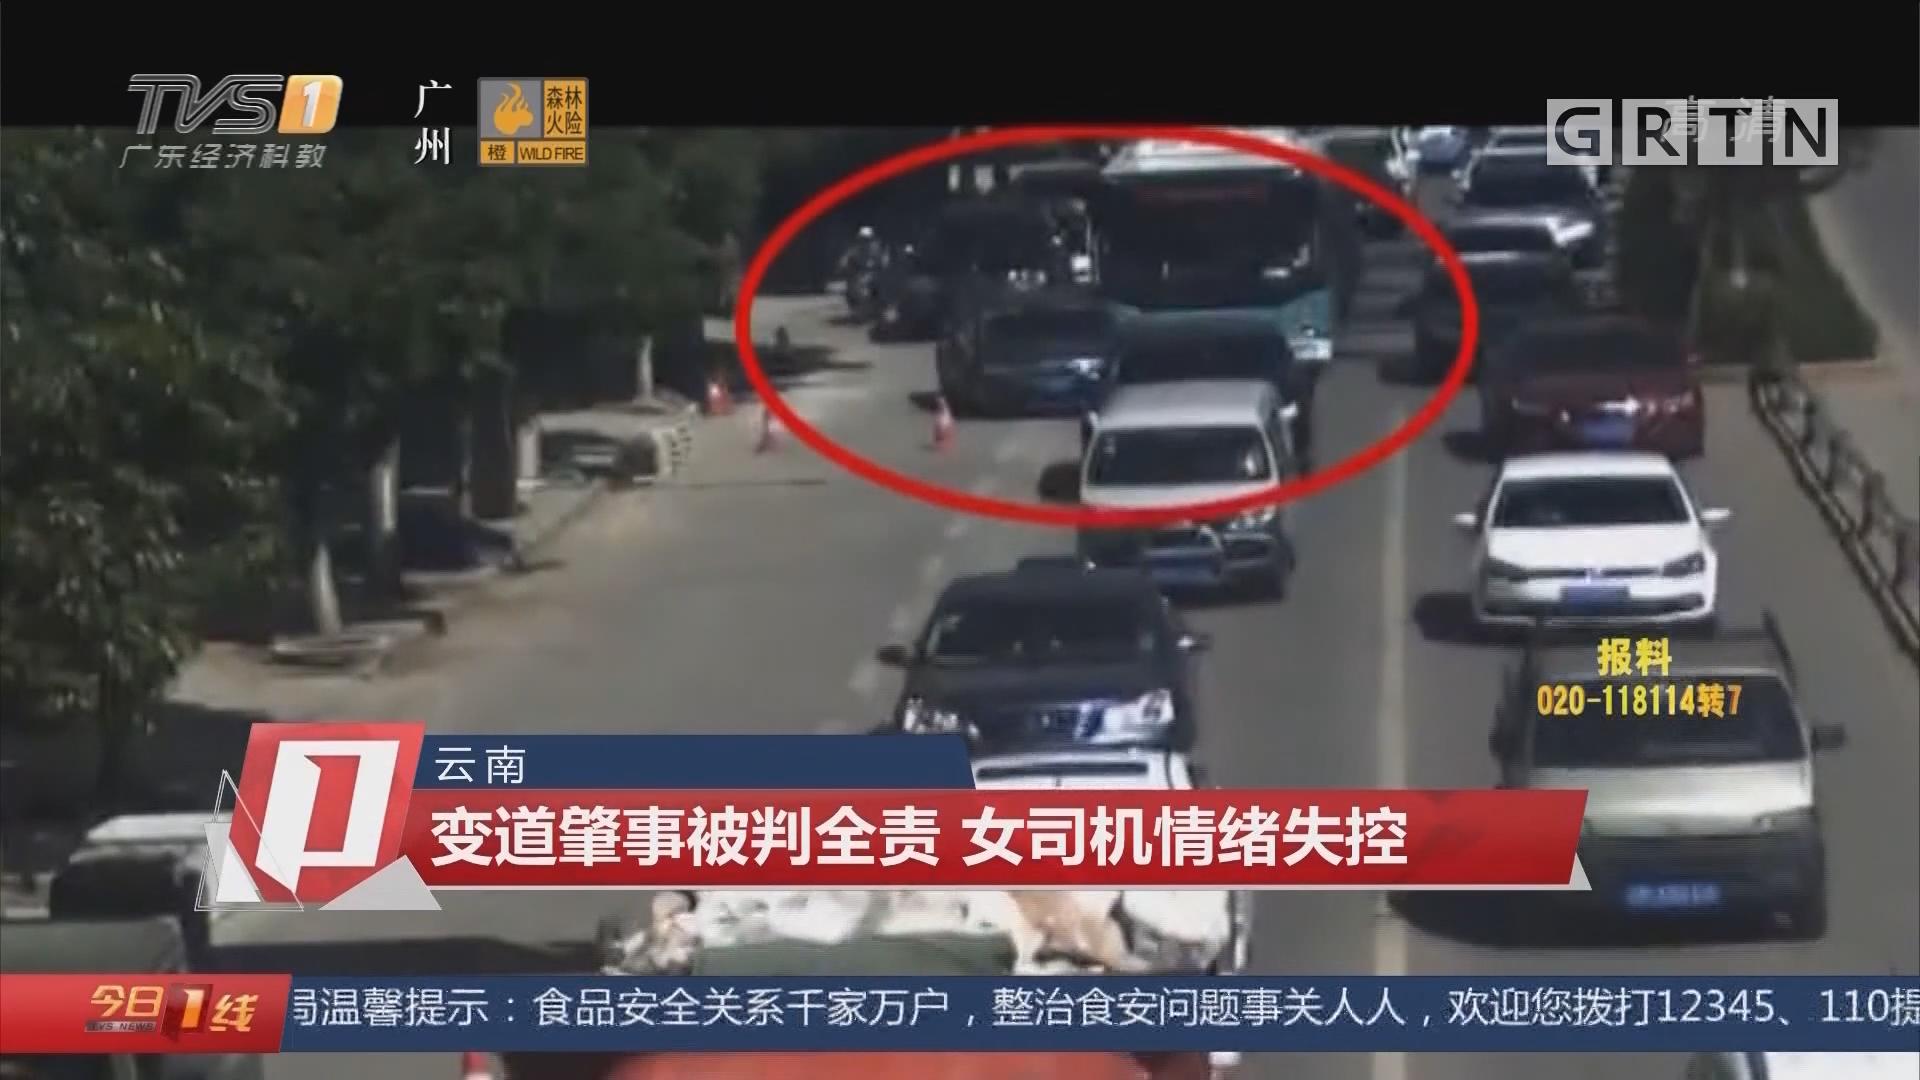 云南:变道肇事被判全责 女司机情绪失控